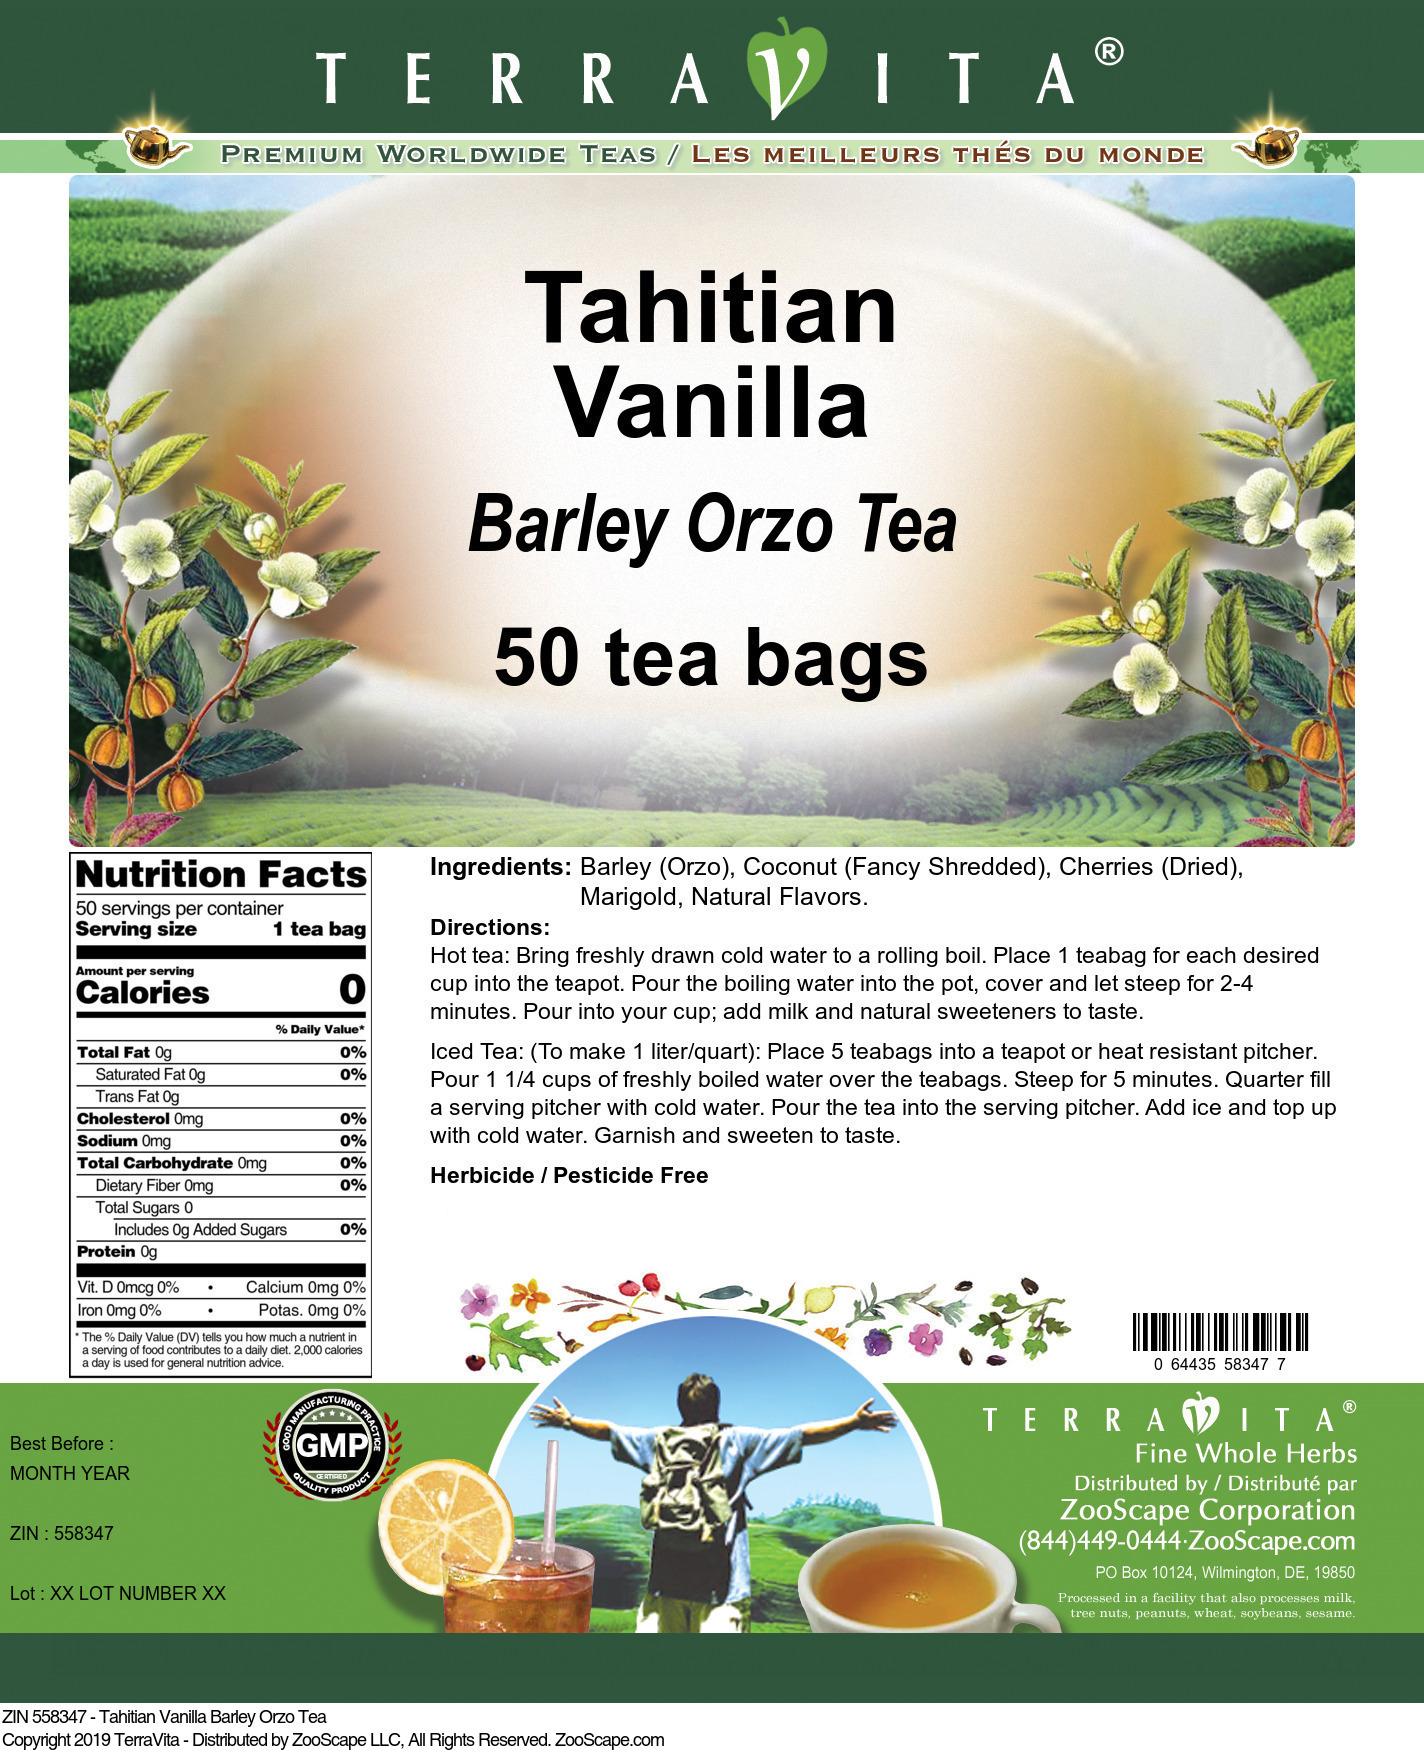 Tahitian Vanilla Barley Orzo Tea